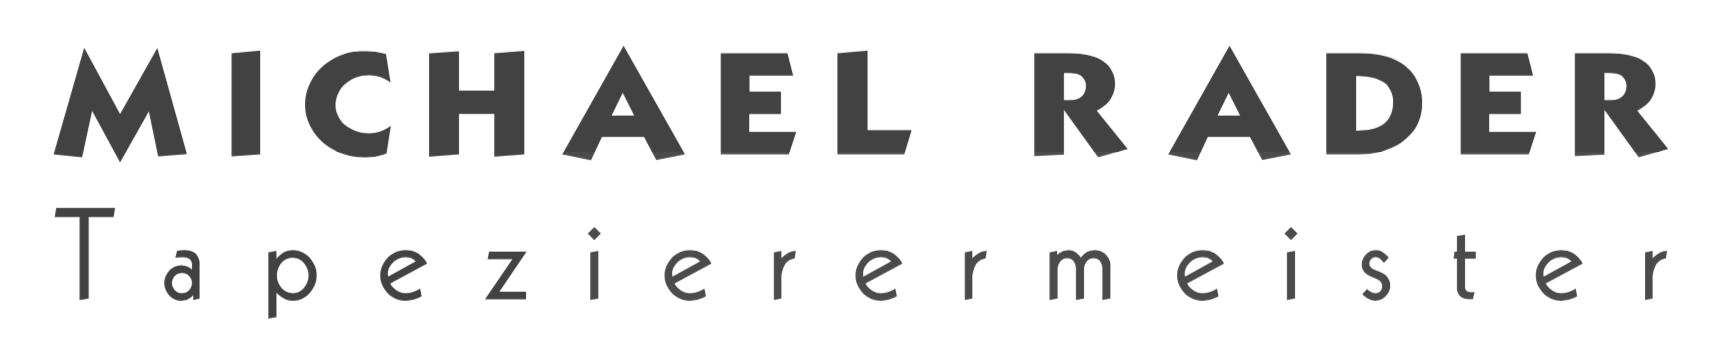 Michael Rader - Tapezierermeister | Ihr heimischer Raumausstatter, Tapezierer- und Dekorateurmeister Rader Michael aus Thalheim bei Wels! Bodenverlegung, sonnenschutz, Vorhänge, Polsterungen, Tapezieren, Raumausstattung, Malerarbeiten